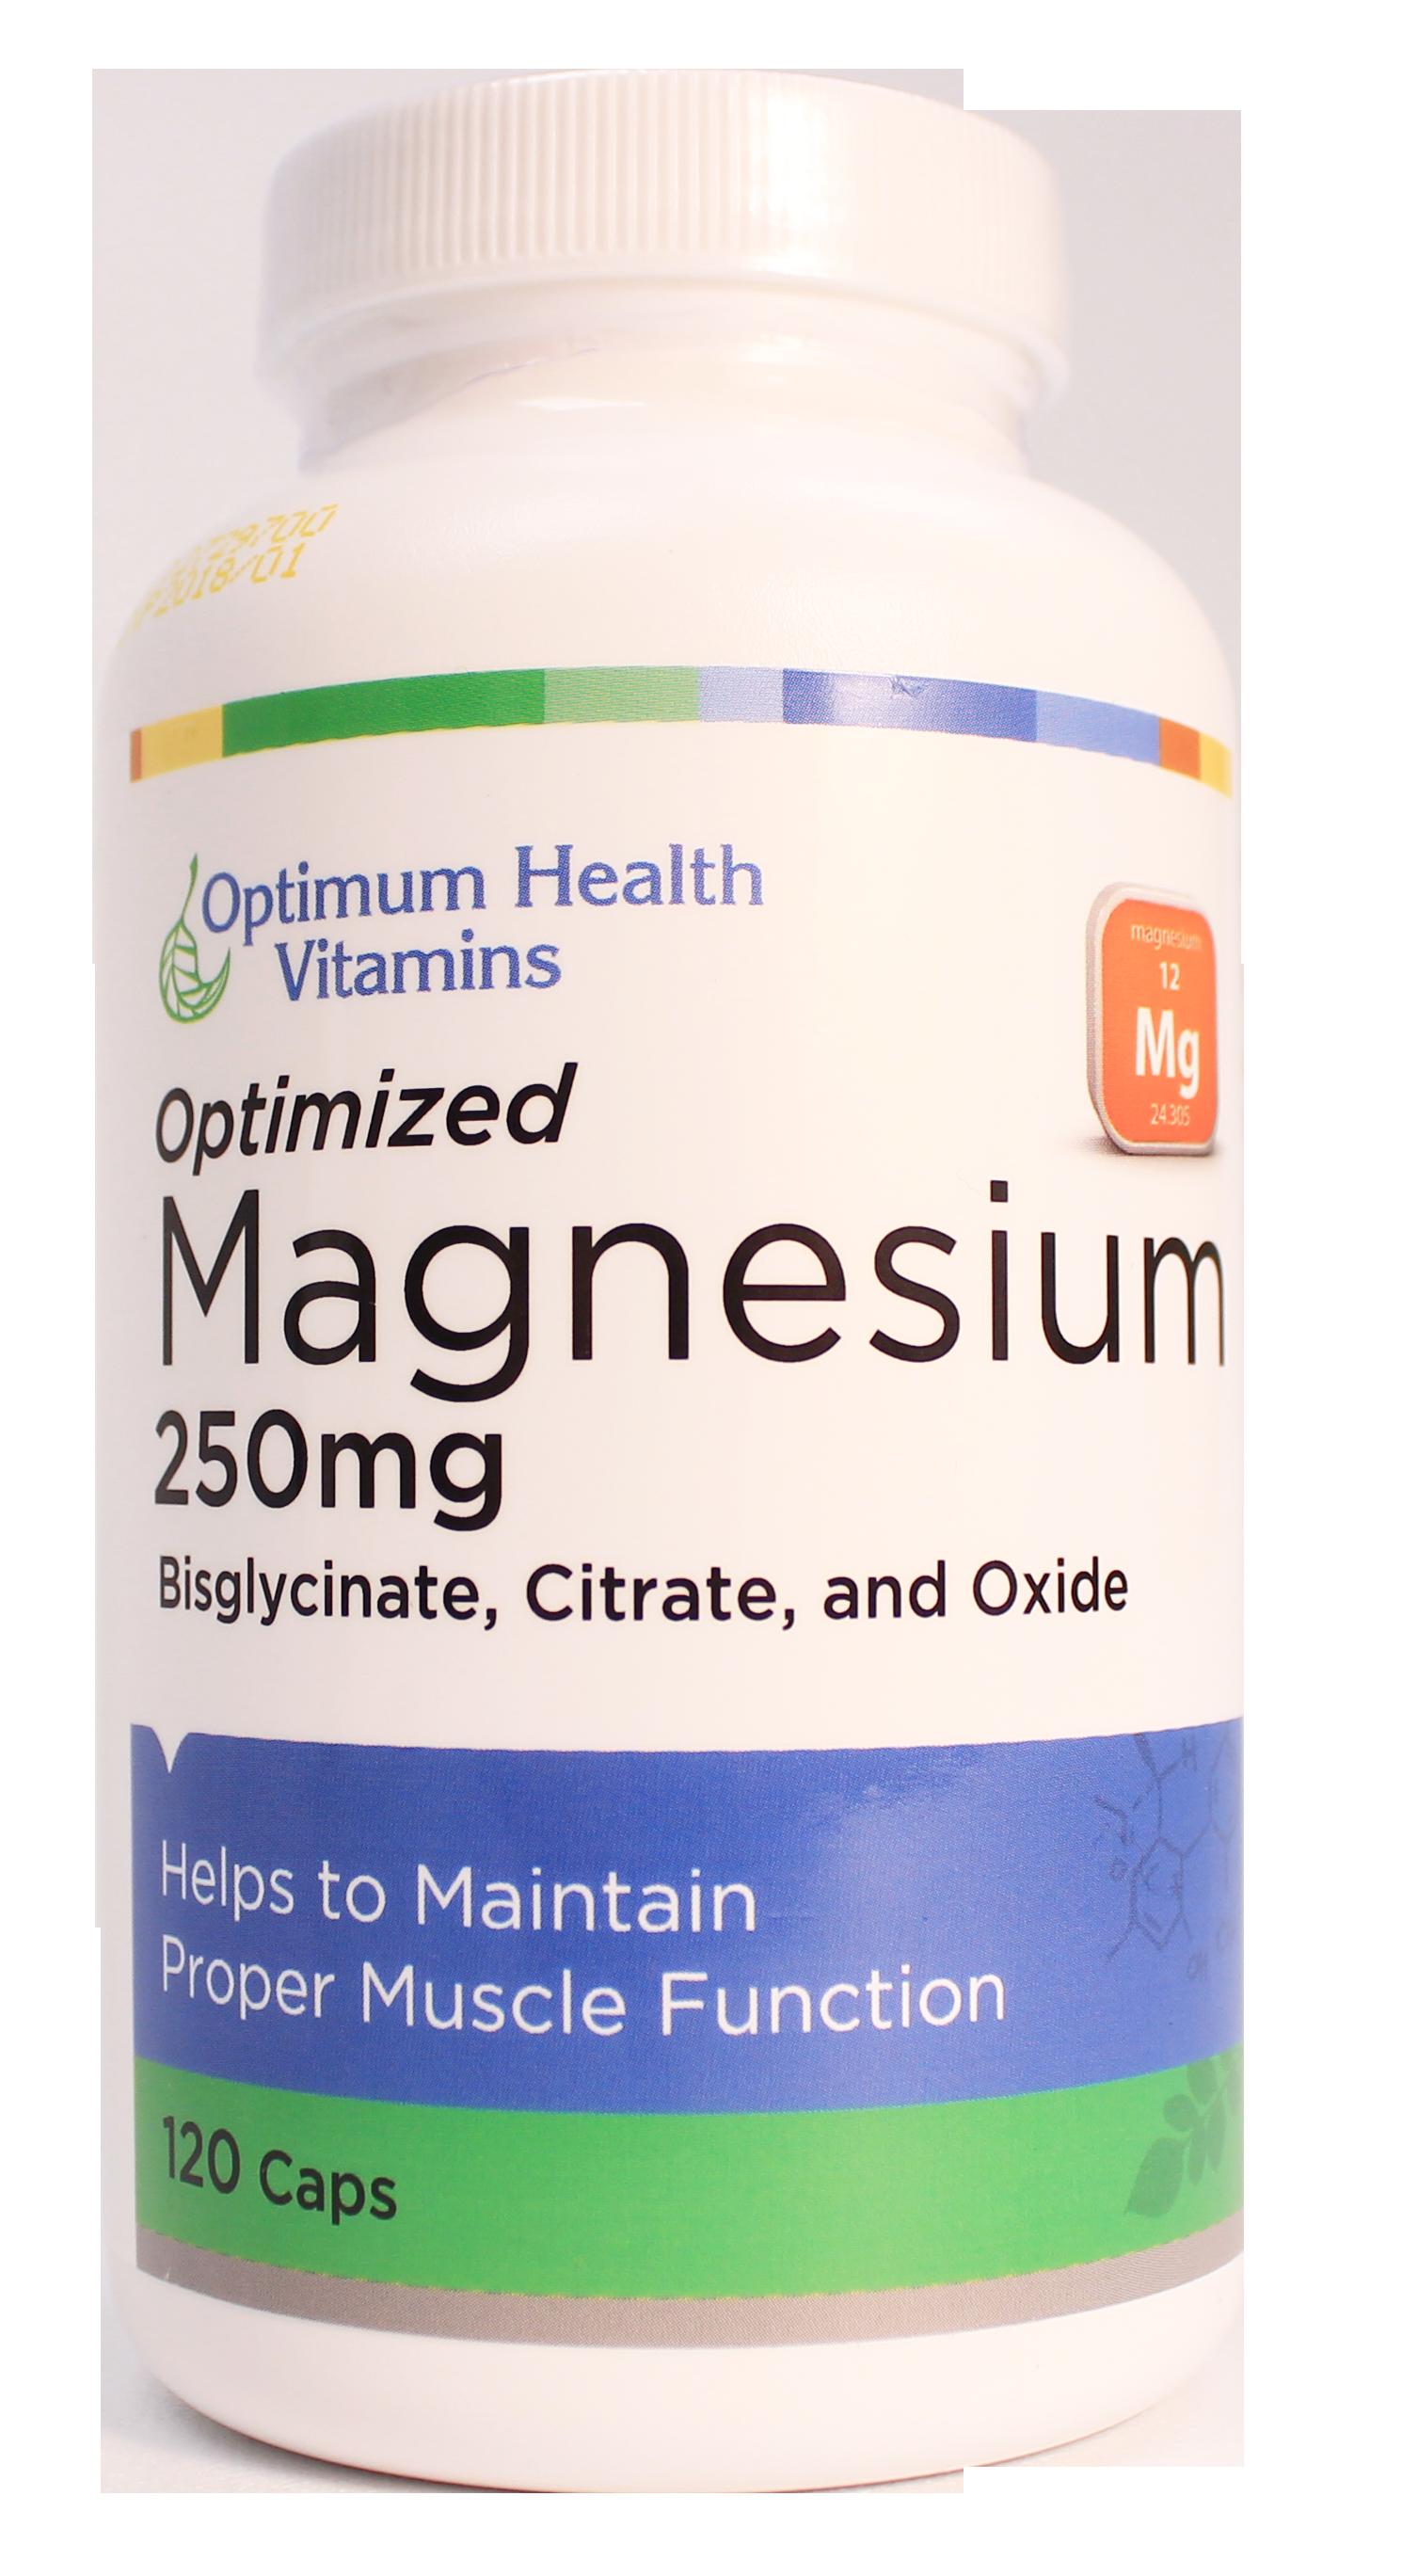 Optimum Health Vitamins Optimized Magnesium